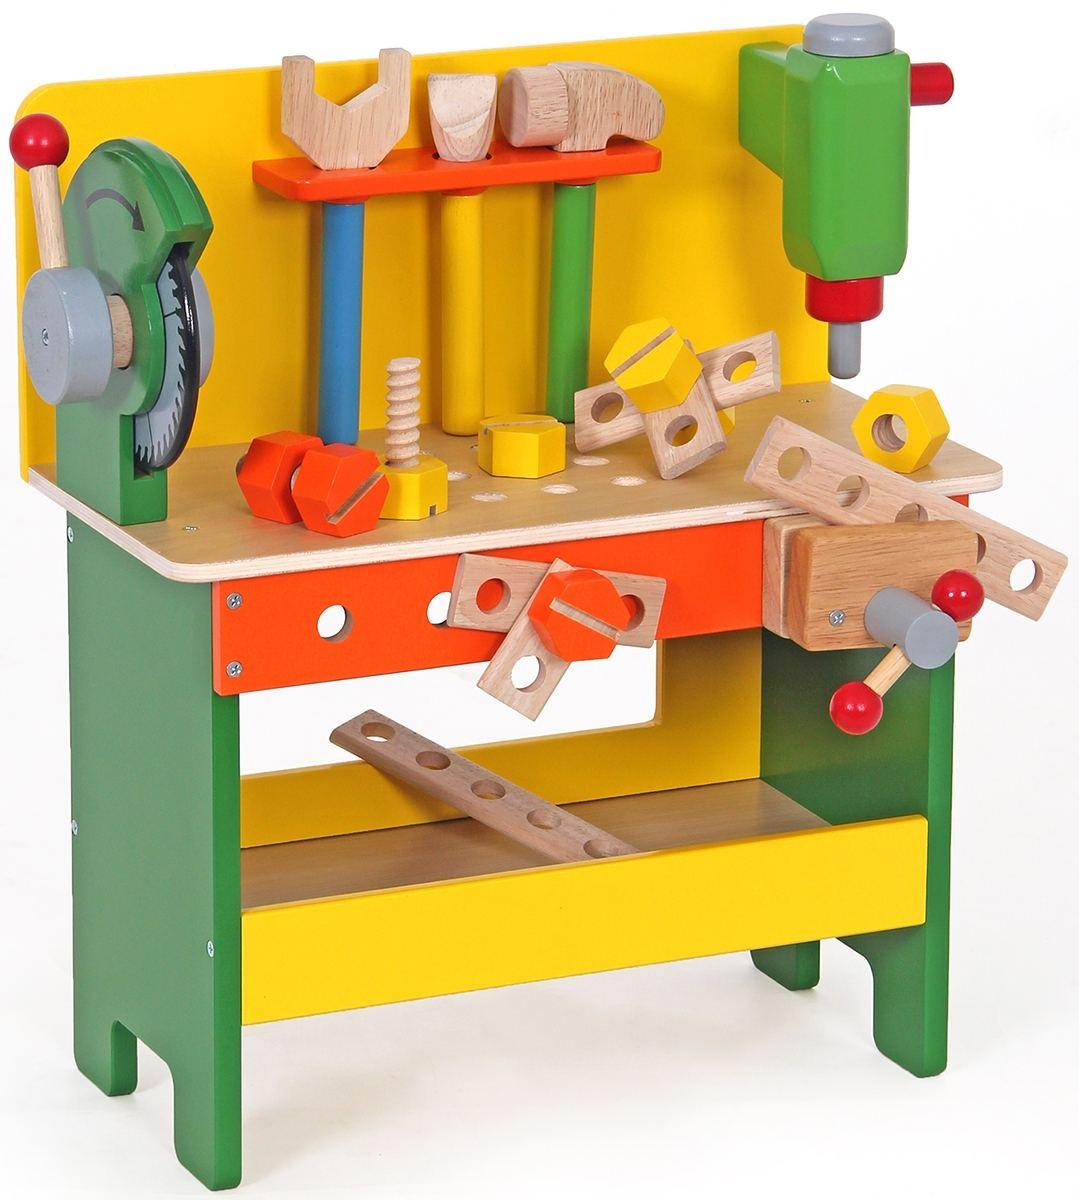 Stand Kinder Werkbank Fur Kleine Handwerker Holz Spielzeug Peitz